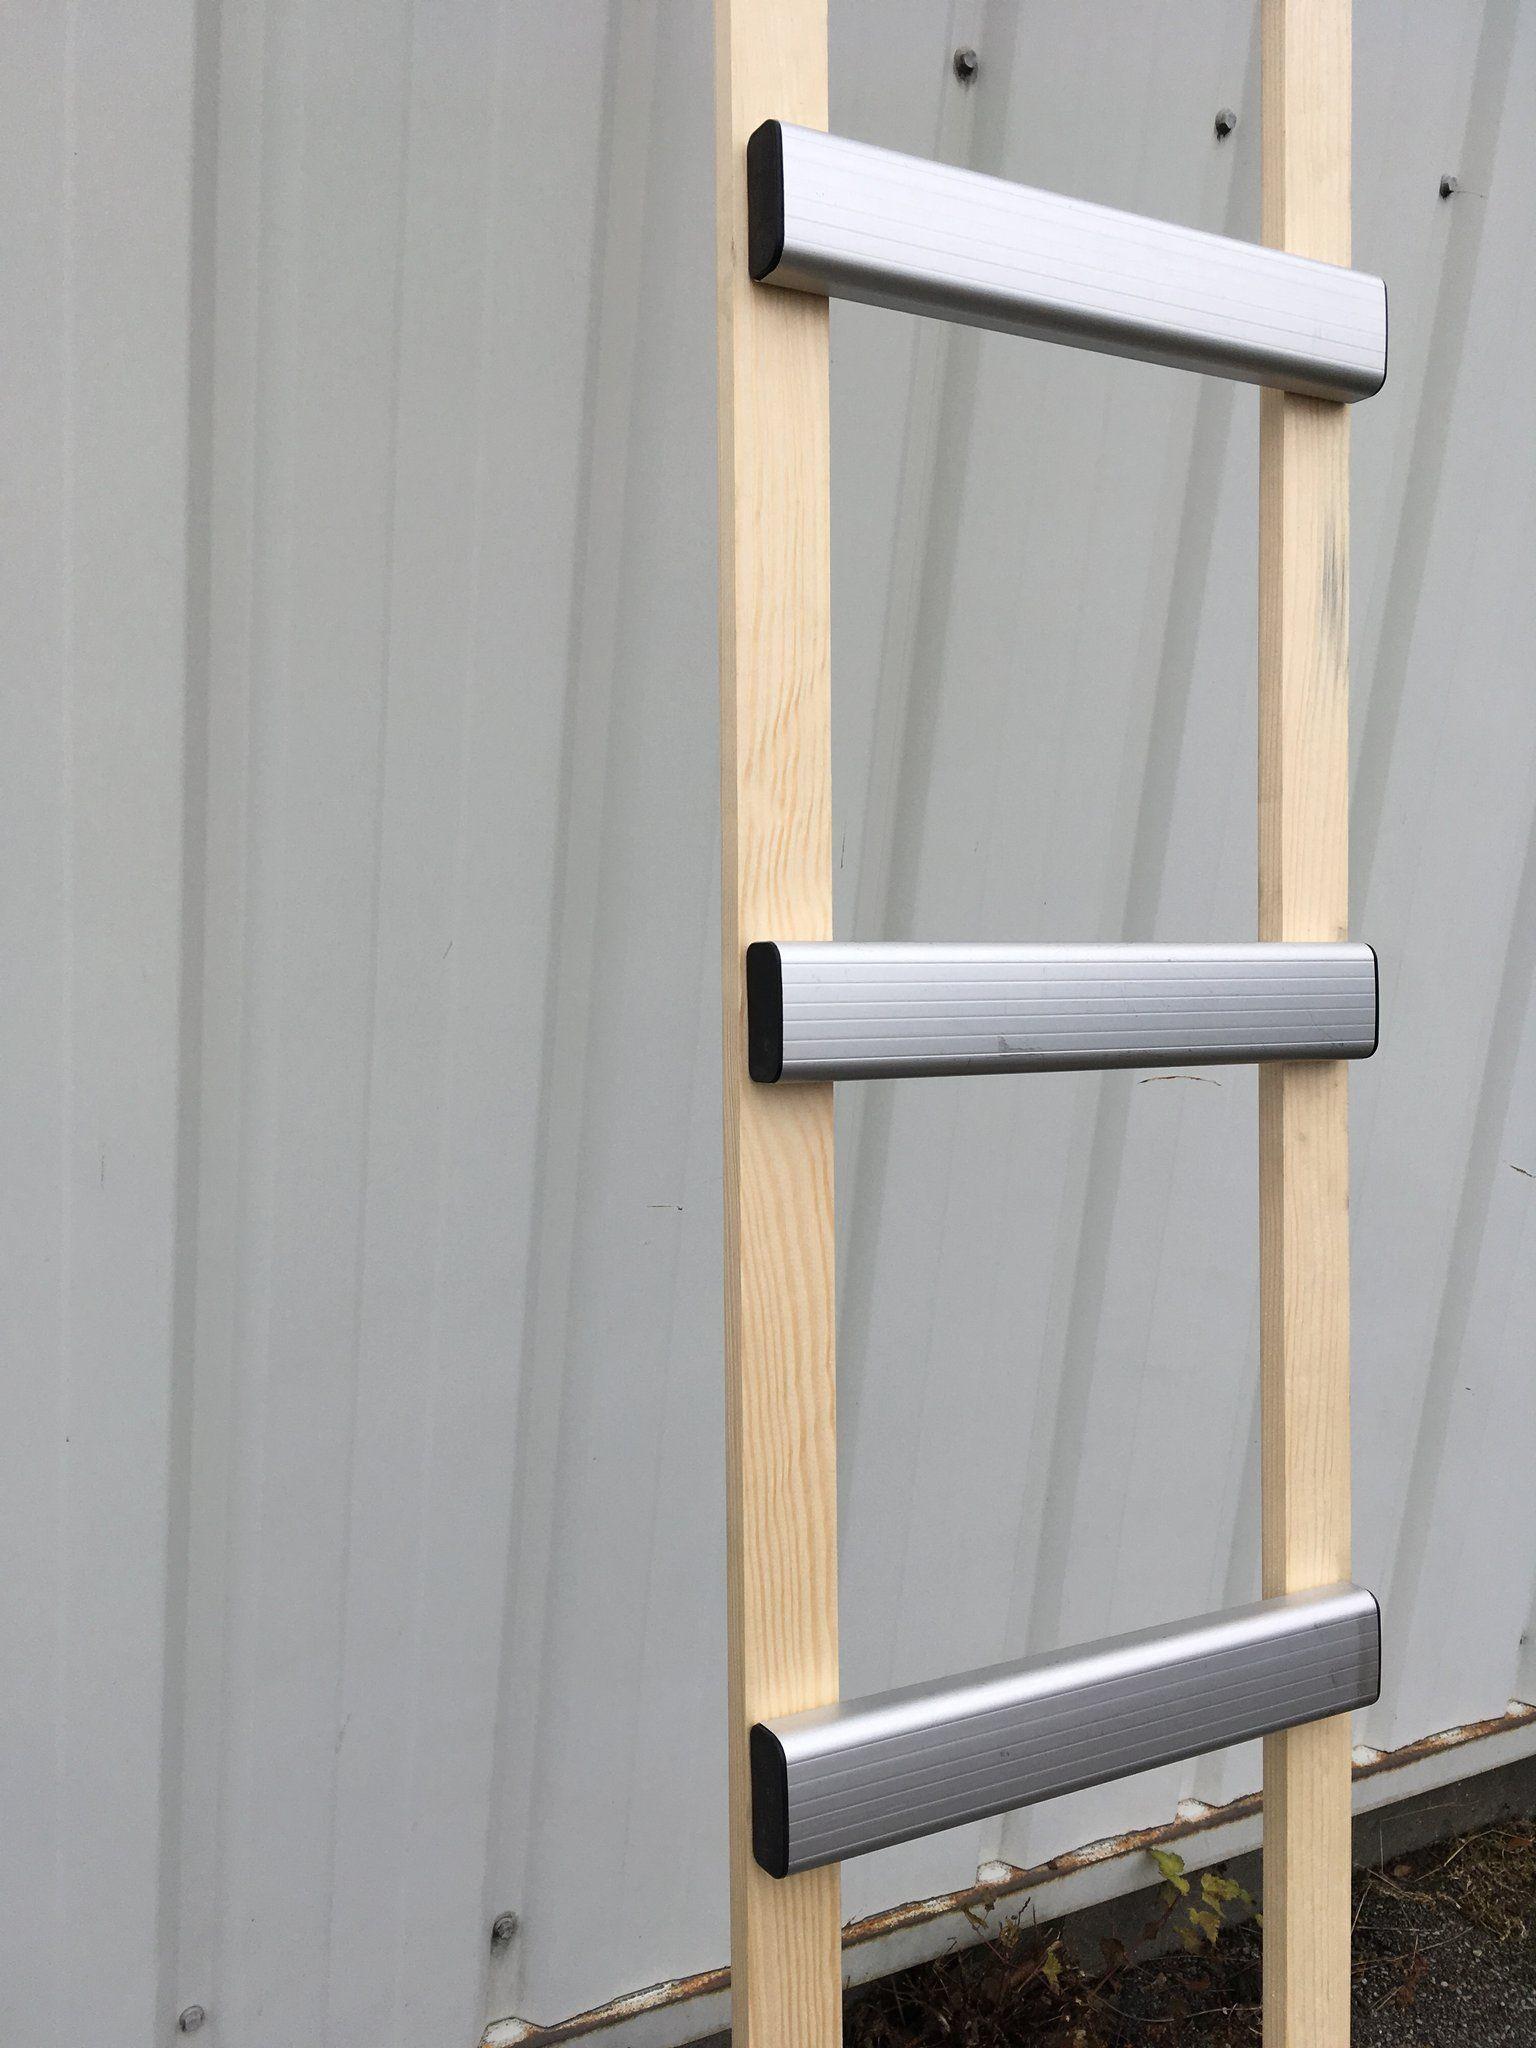 Echelle De Toit Bois Alu Montant En Bois Echelons En Alu Anodise Longueur 3m Echelle De Toit Echelle Escalier Bois Metal